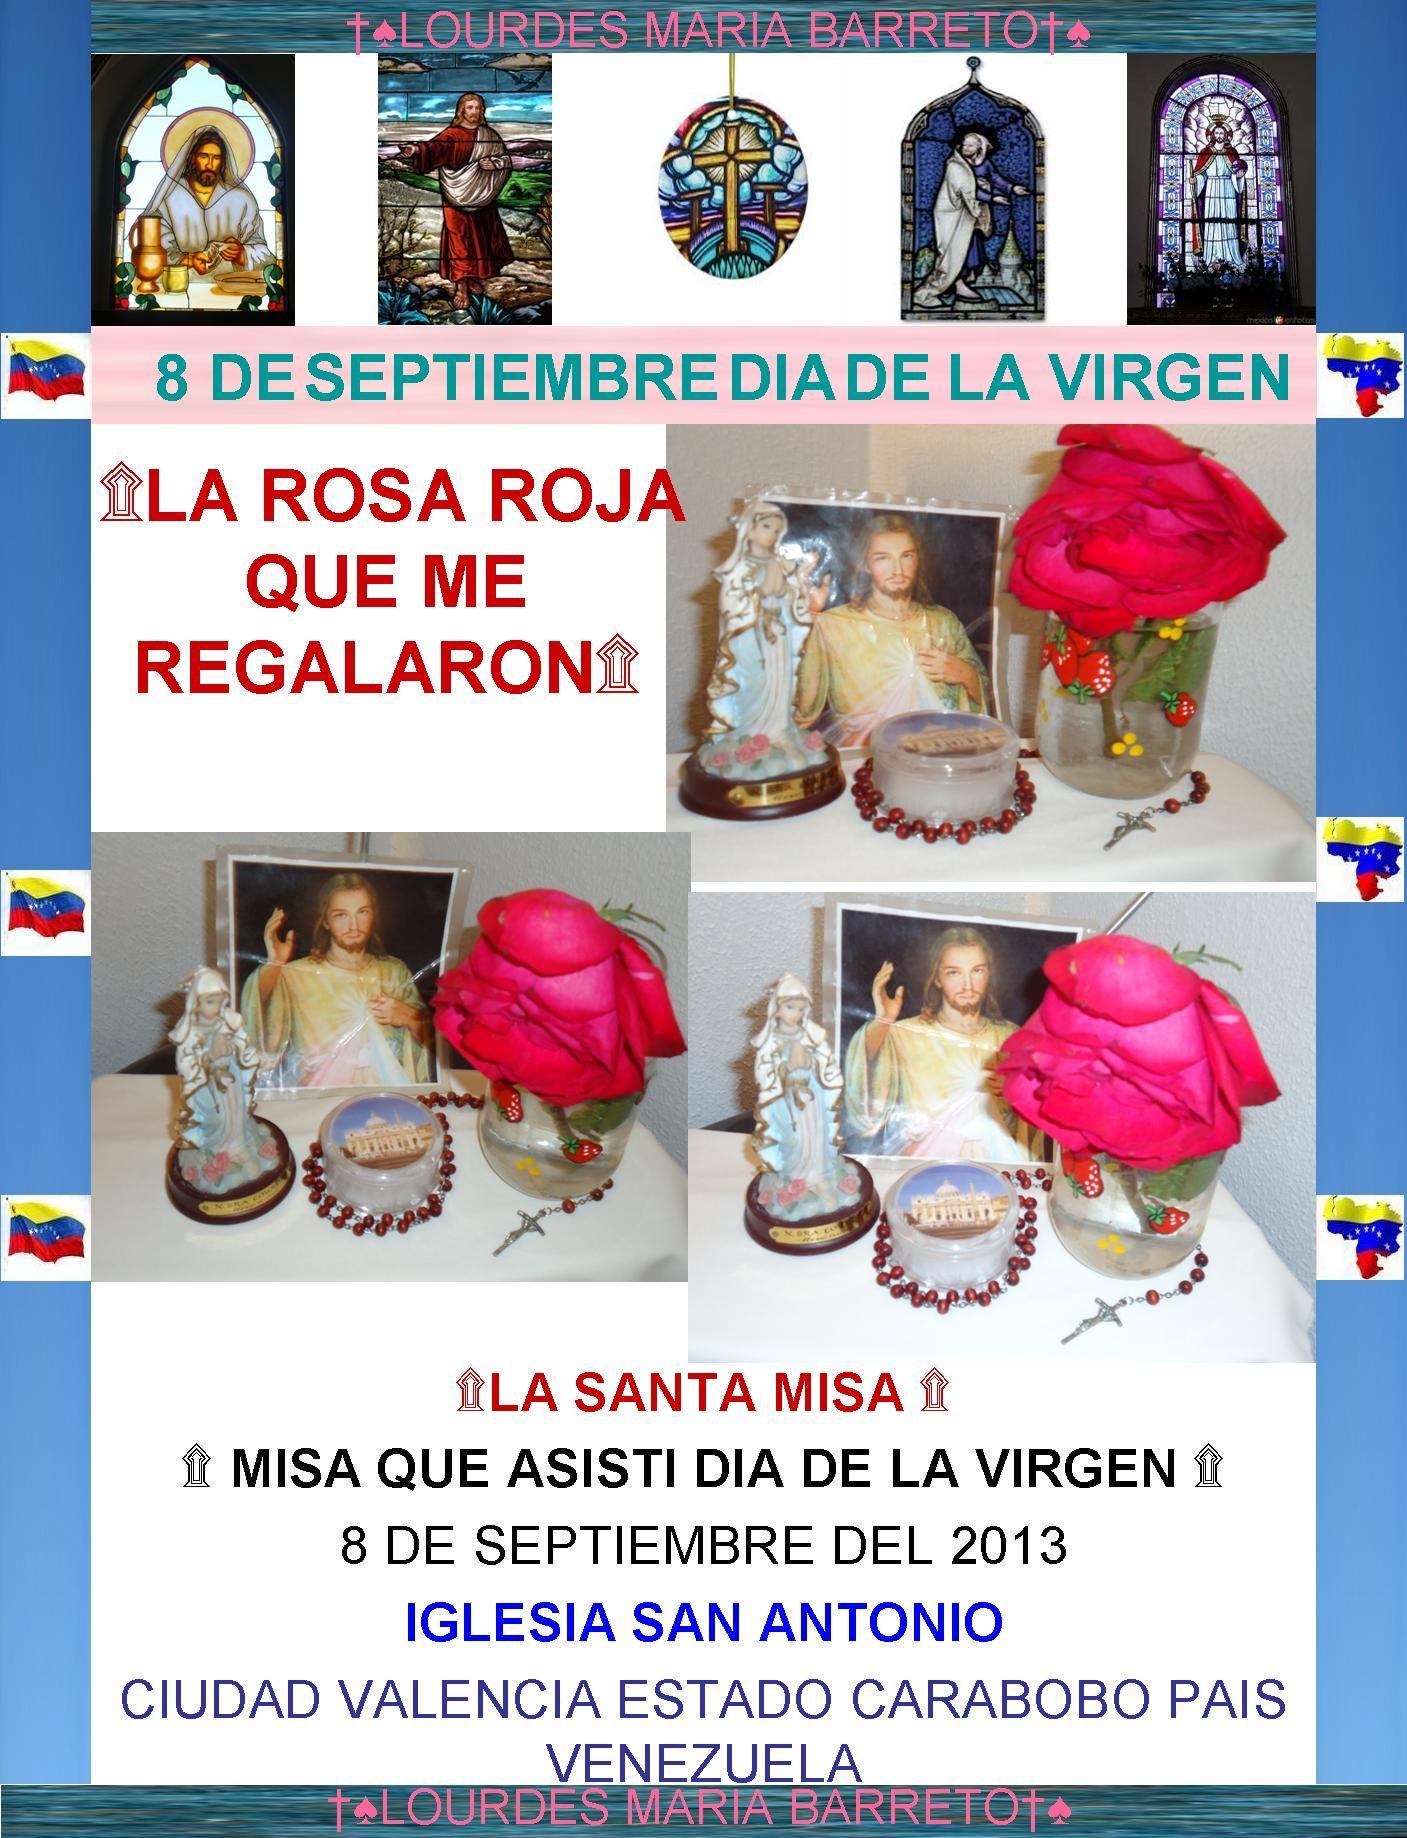 LA ROSA ROJA QUE ME DIERON .MISA QUE ASISTI EL 8 DE SEPTIEMBRE LA CELEBRACION DE LA NATIVIDAD DE LA VIRGEN.  PARTE VII. CIUDAD VALENCIA, ESTADO CARABOBO,PAIS VENEZUELA. +♠LOURDES MARIA BARRETO+♠